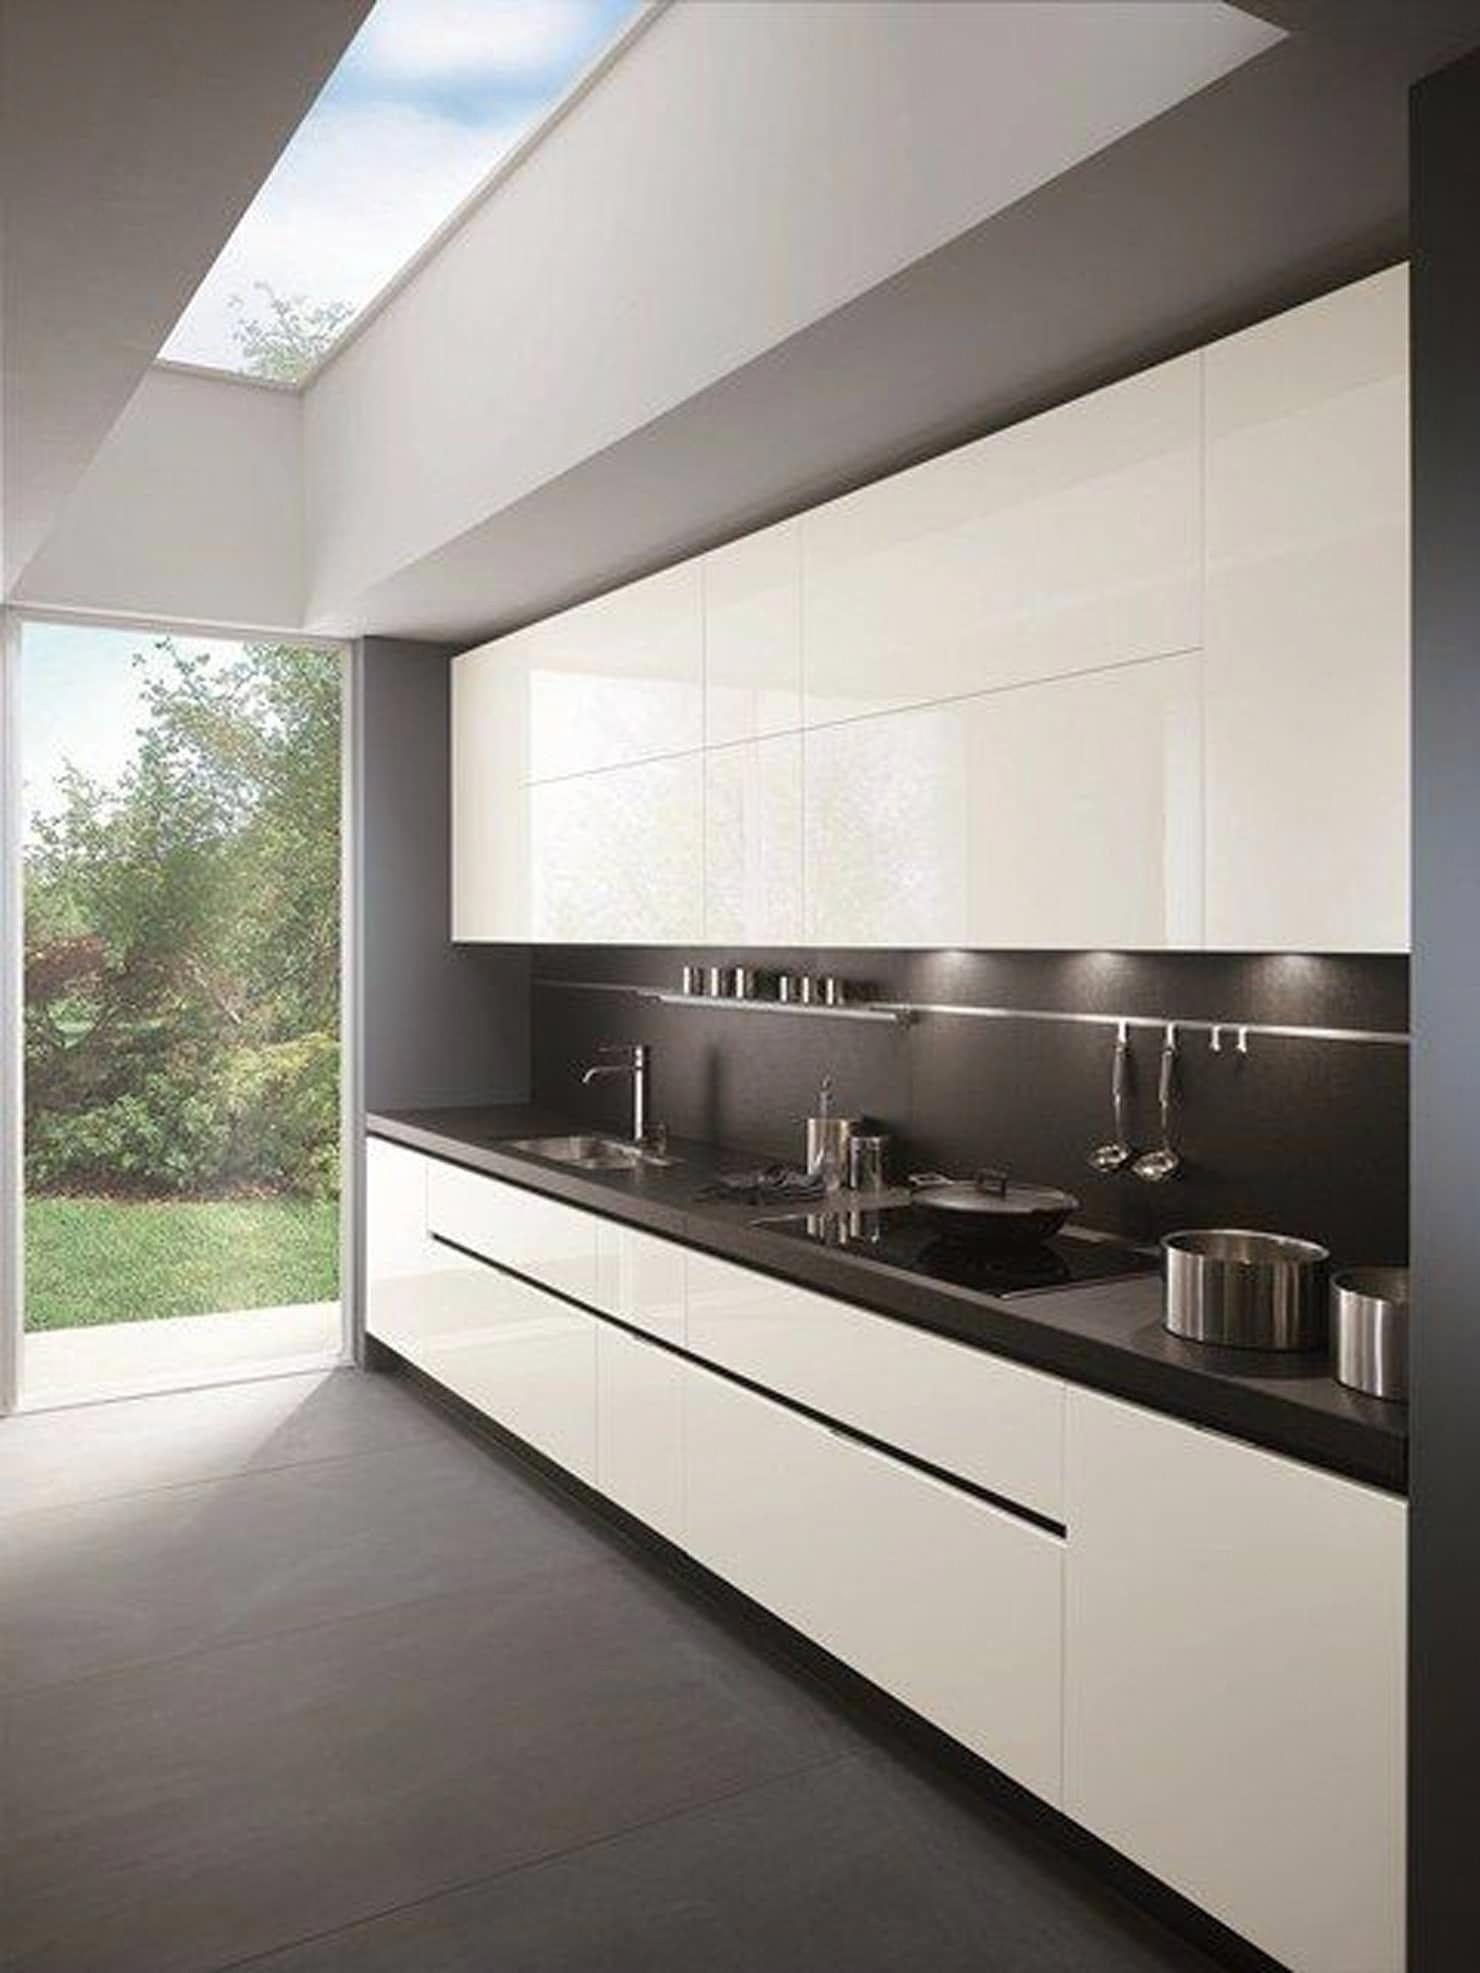 Kitchen: Cozinhas Modernas Por No Place Like Home ® #cozinhapequena